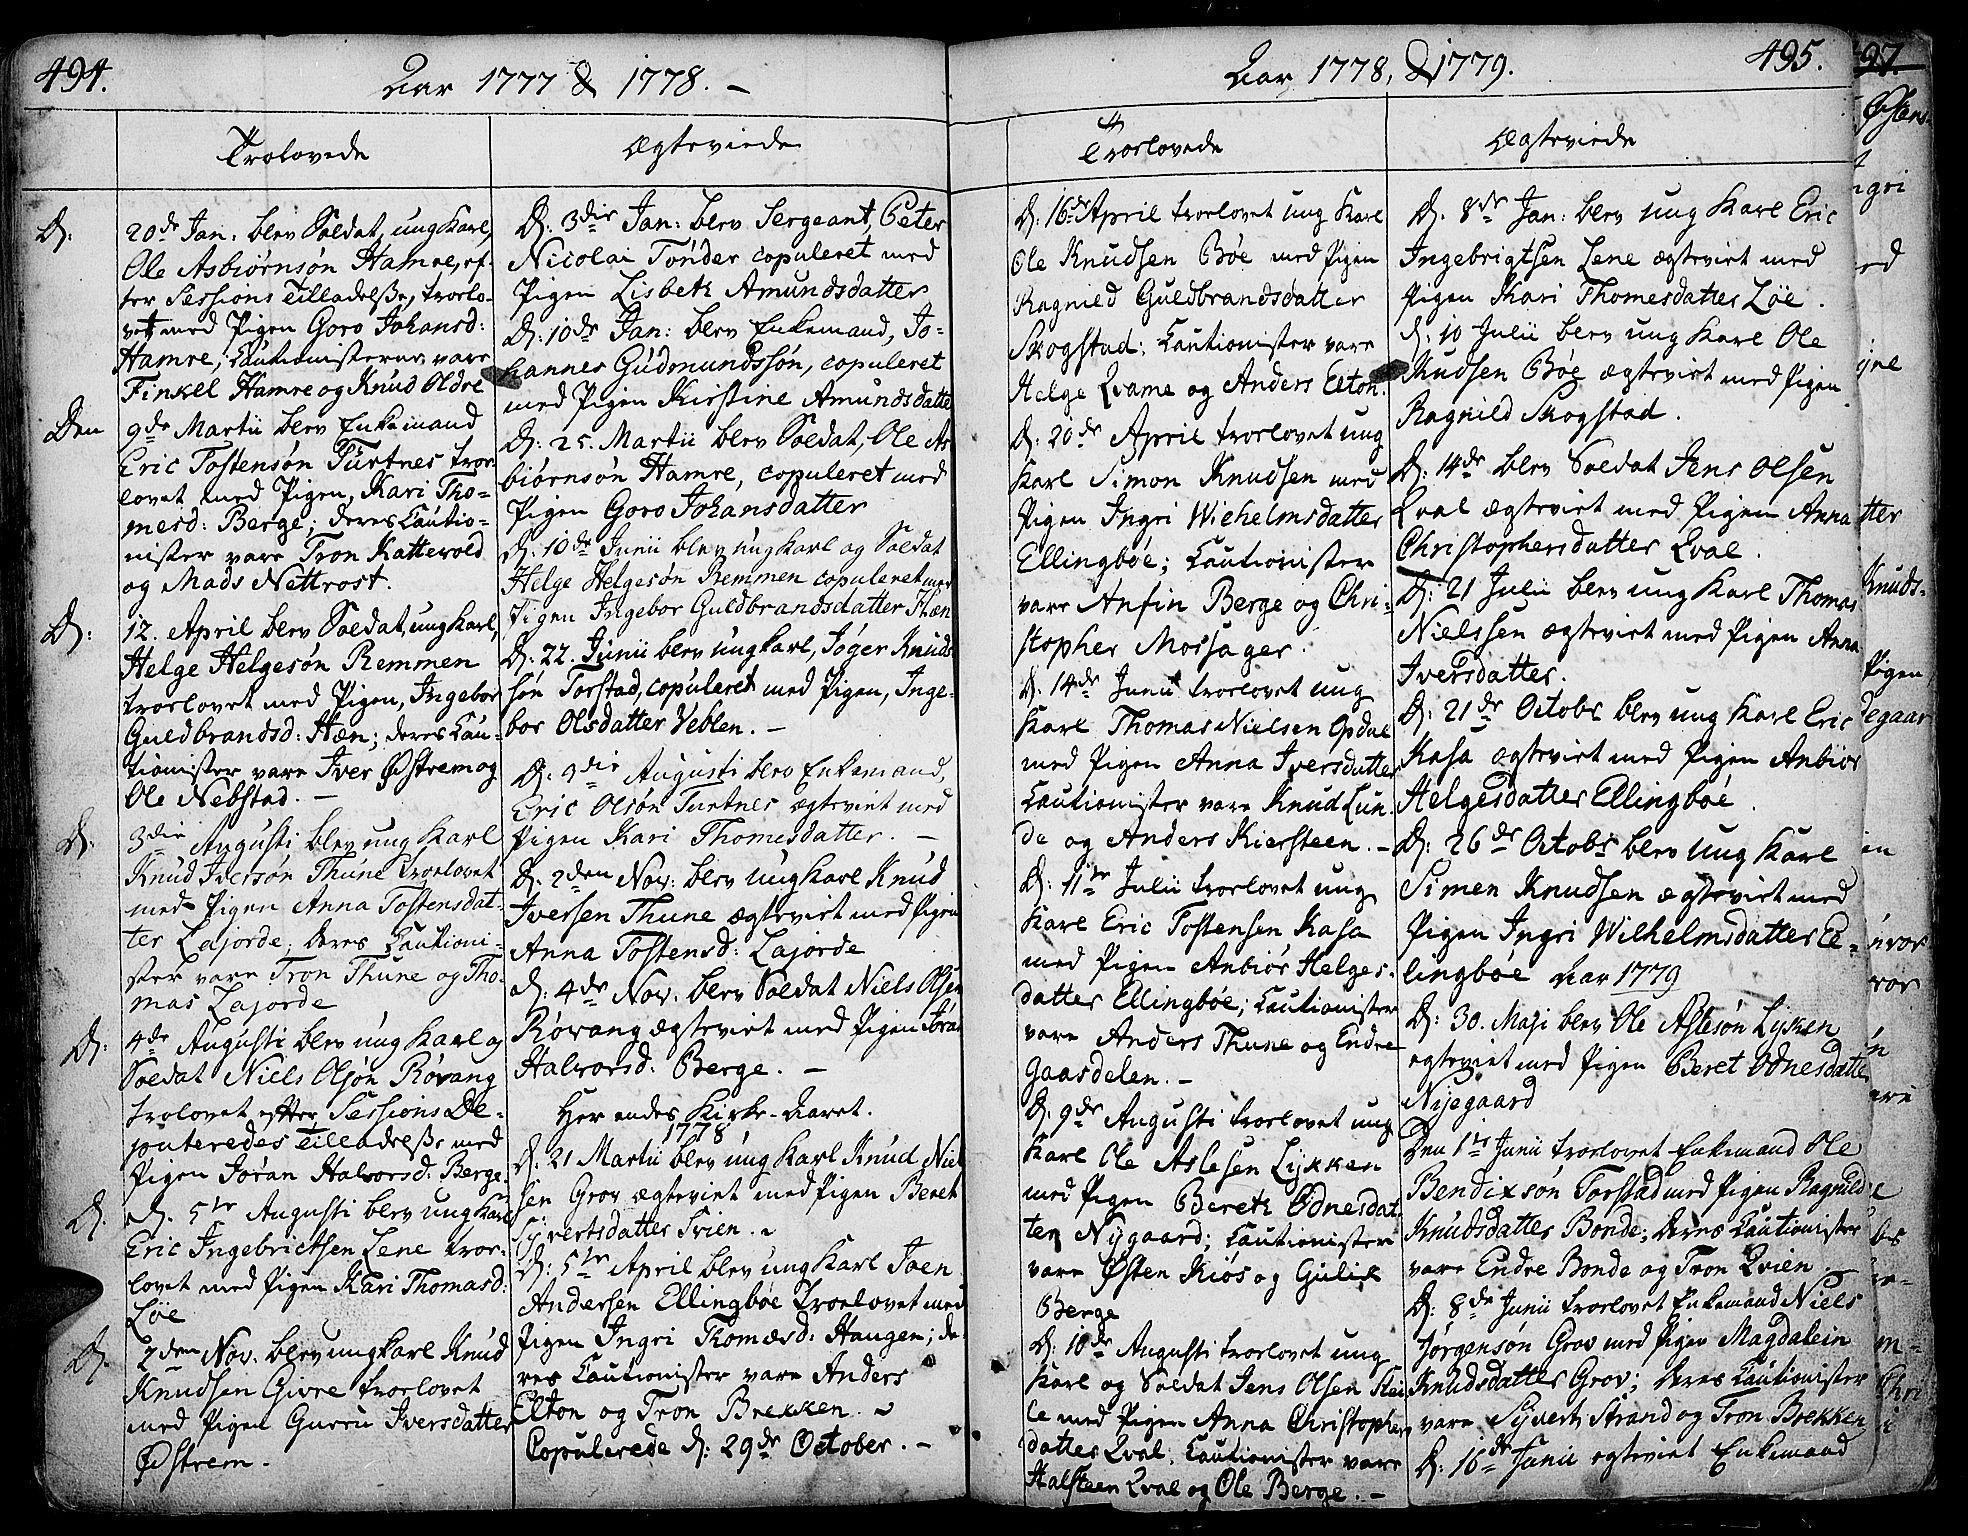 SAH, Vang prestekontor, Valdres, Ministerialbok nr. 1, 1730-1796, s. 494-495